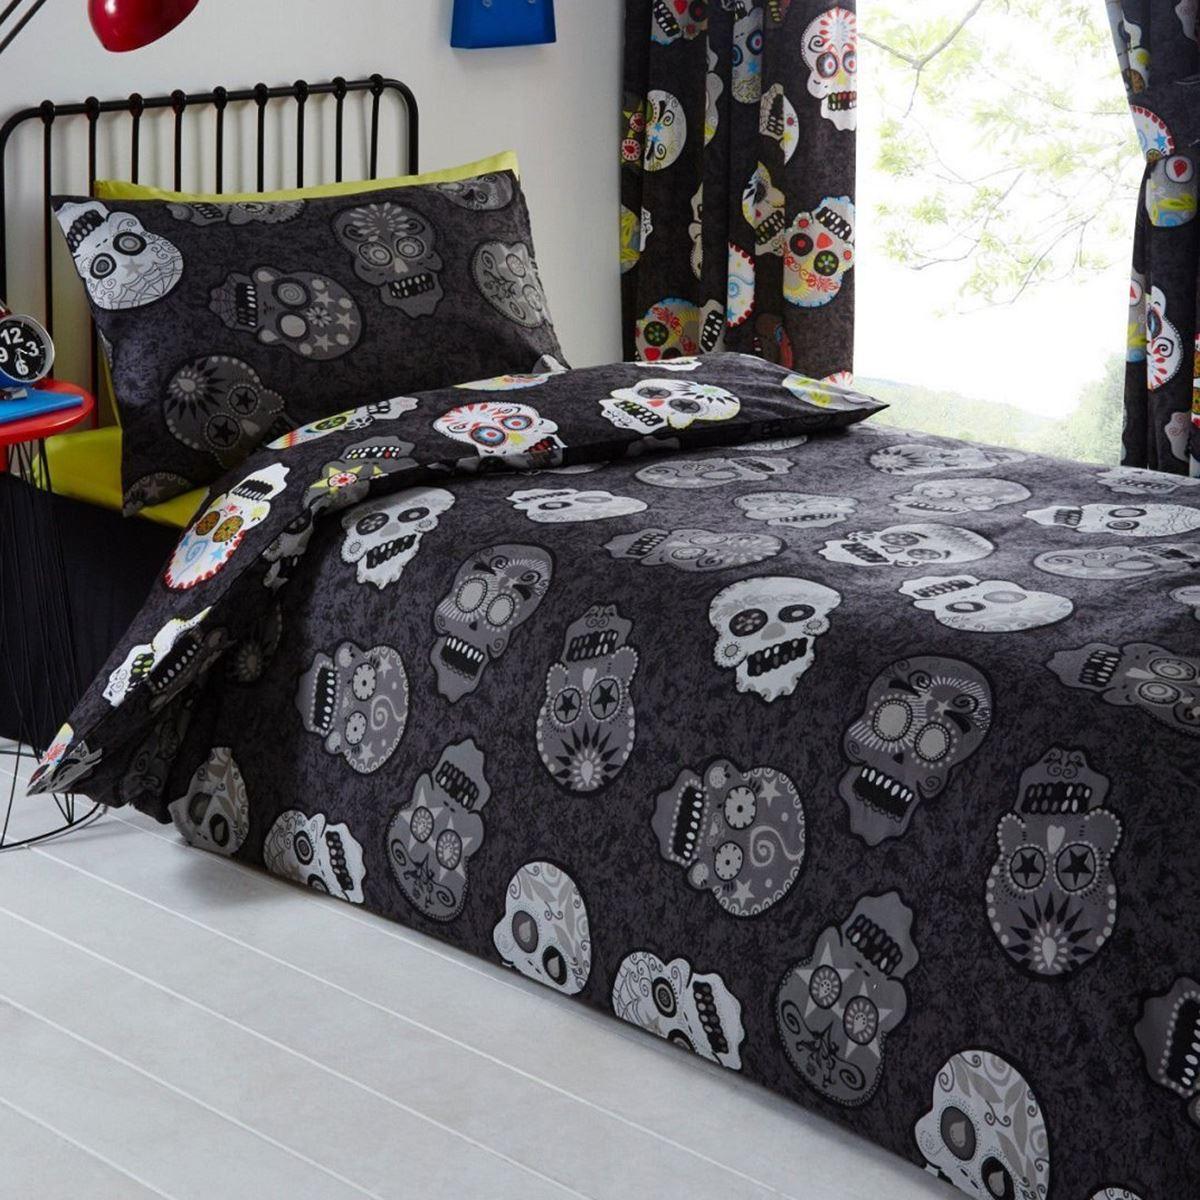 Indexbild 157 - Teenager Bettwäsche Sets - Einzel / Doppelbett Bettwäsche Jungen Musik Graffiti